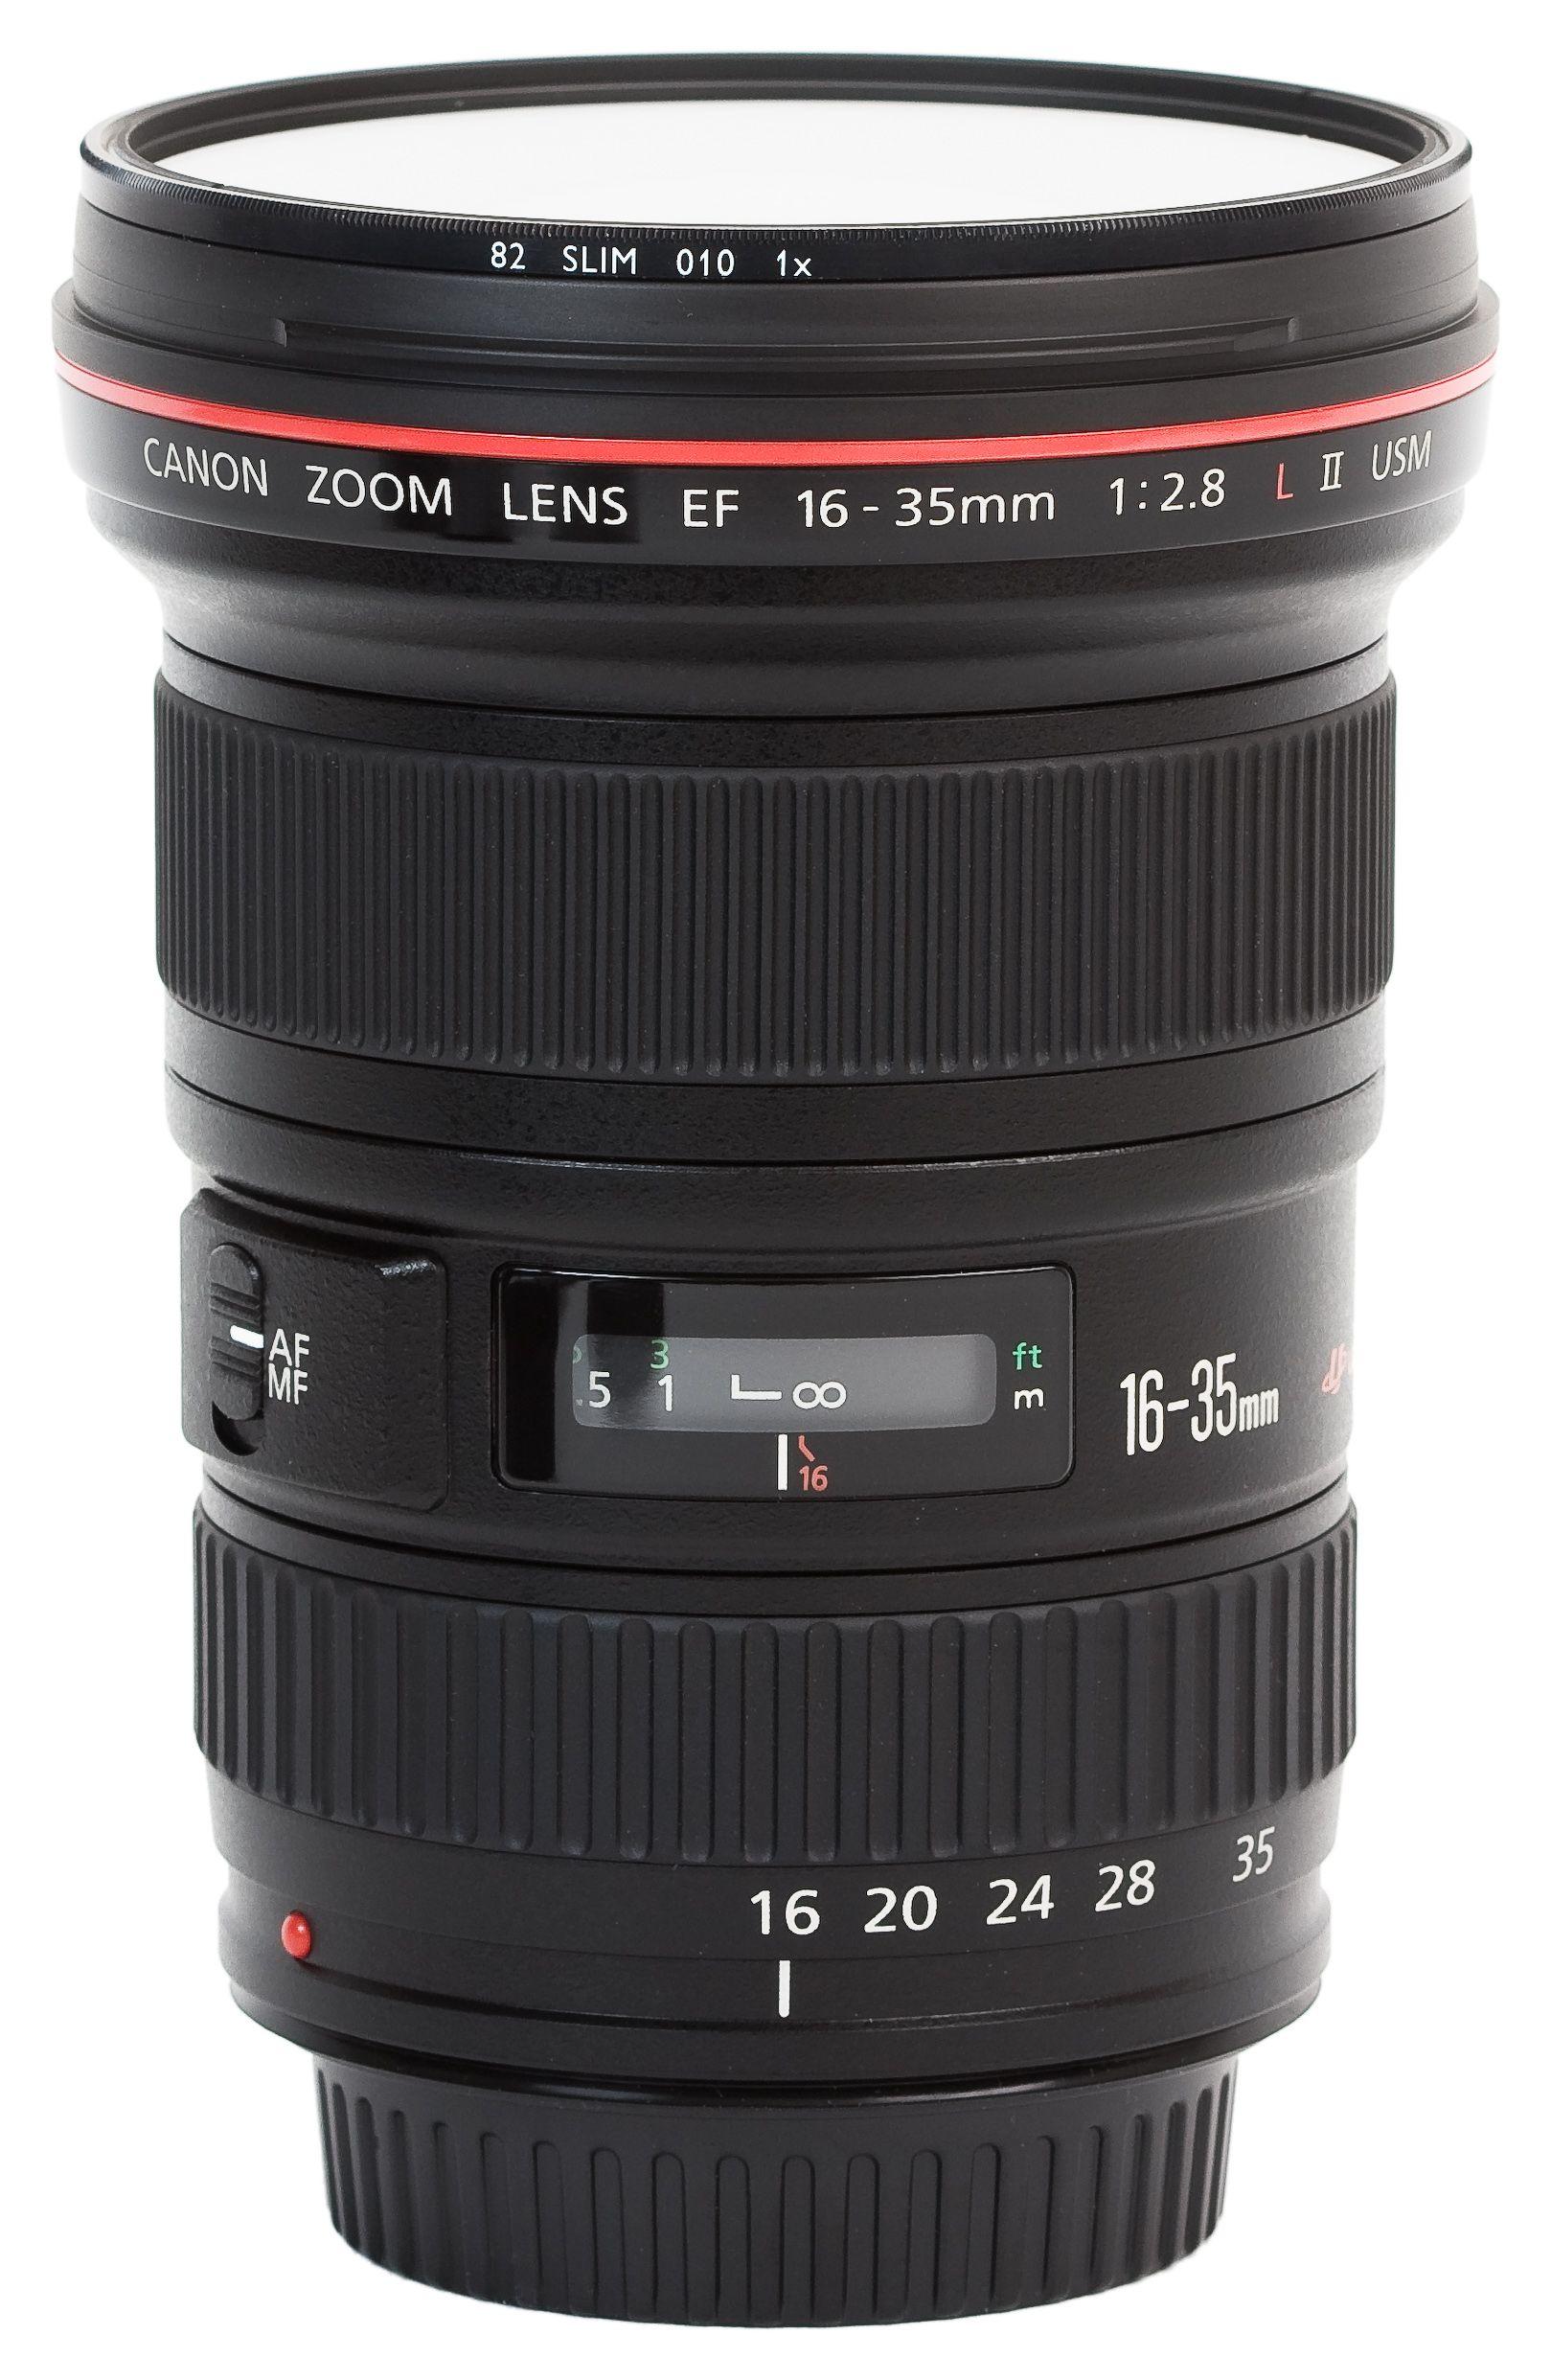 Zoom Ultra Grandangolari Presto Rilasciati Da Canon Best Canon Lenses Canon Lenses Photography Lenses